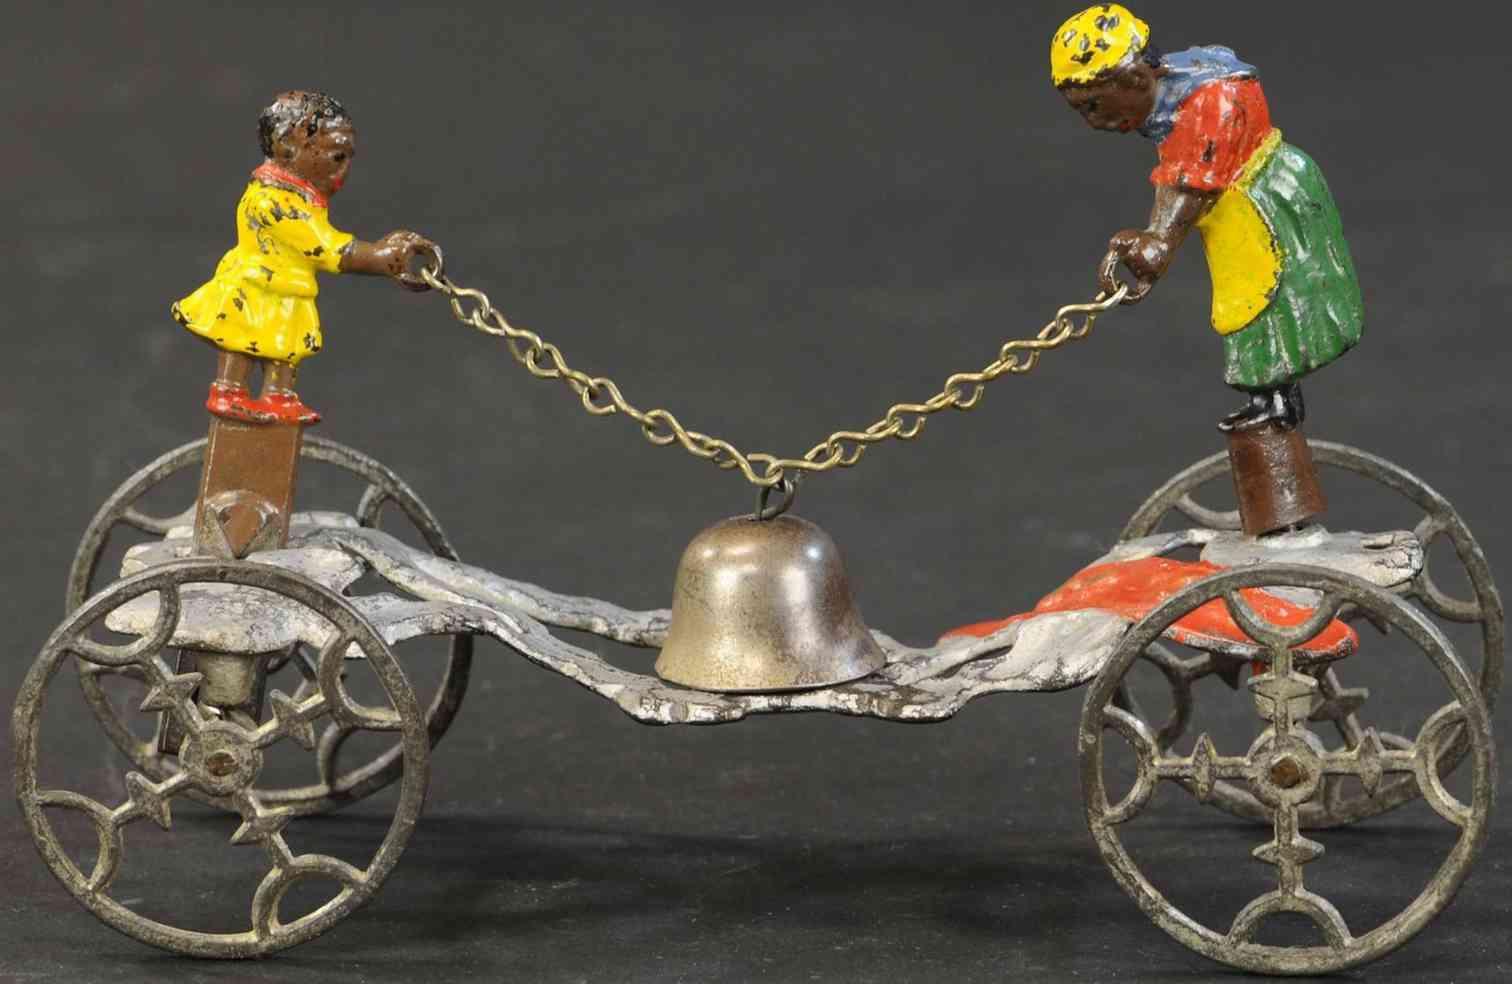 gong bell 59 spielzeug gusseisen rastus und seine mutter